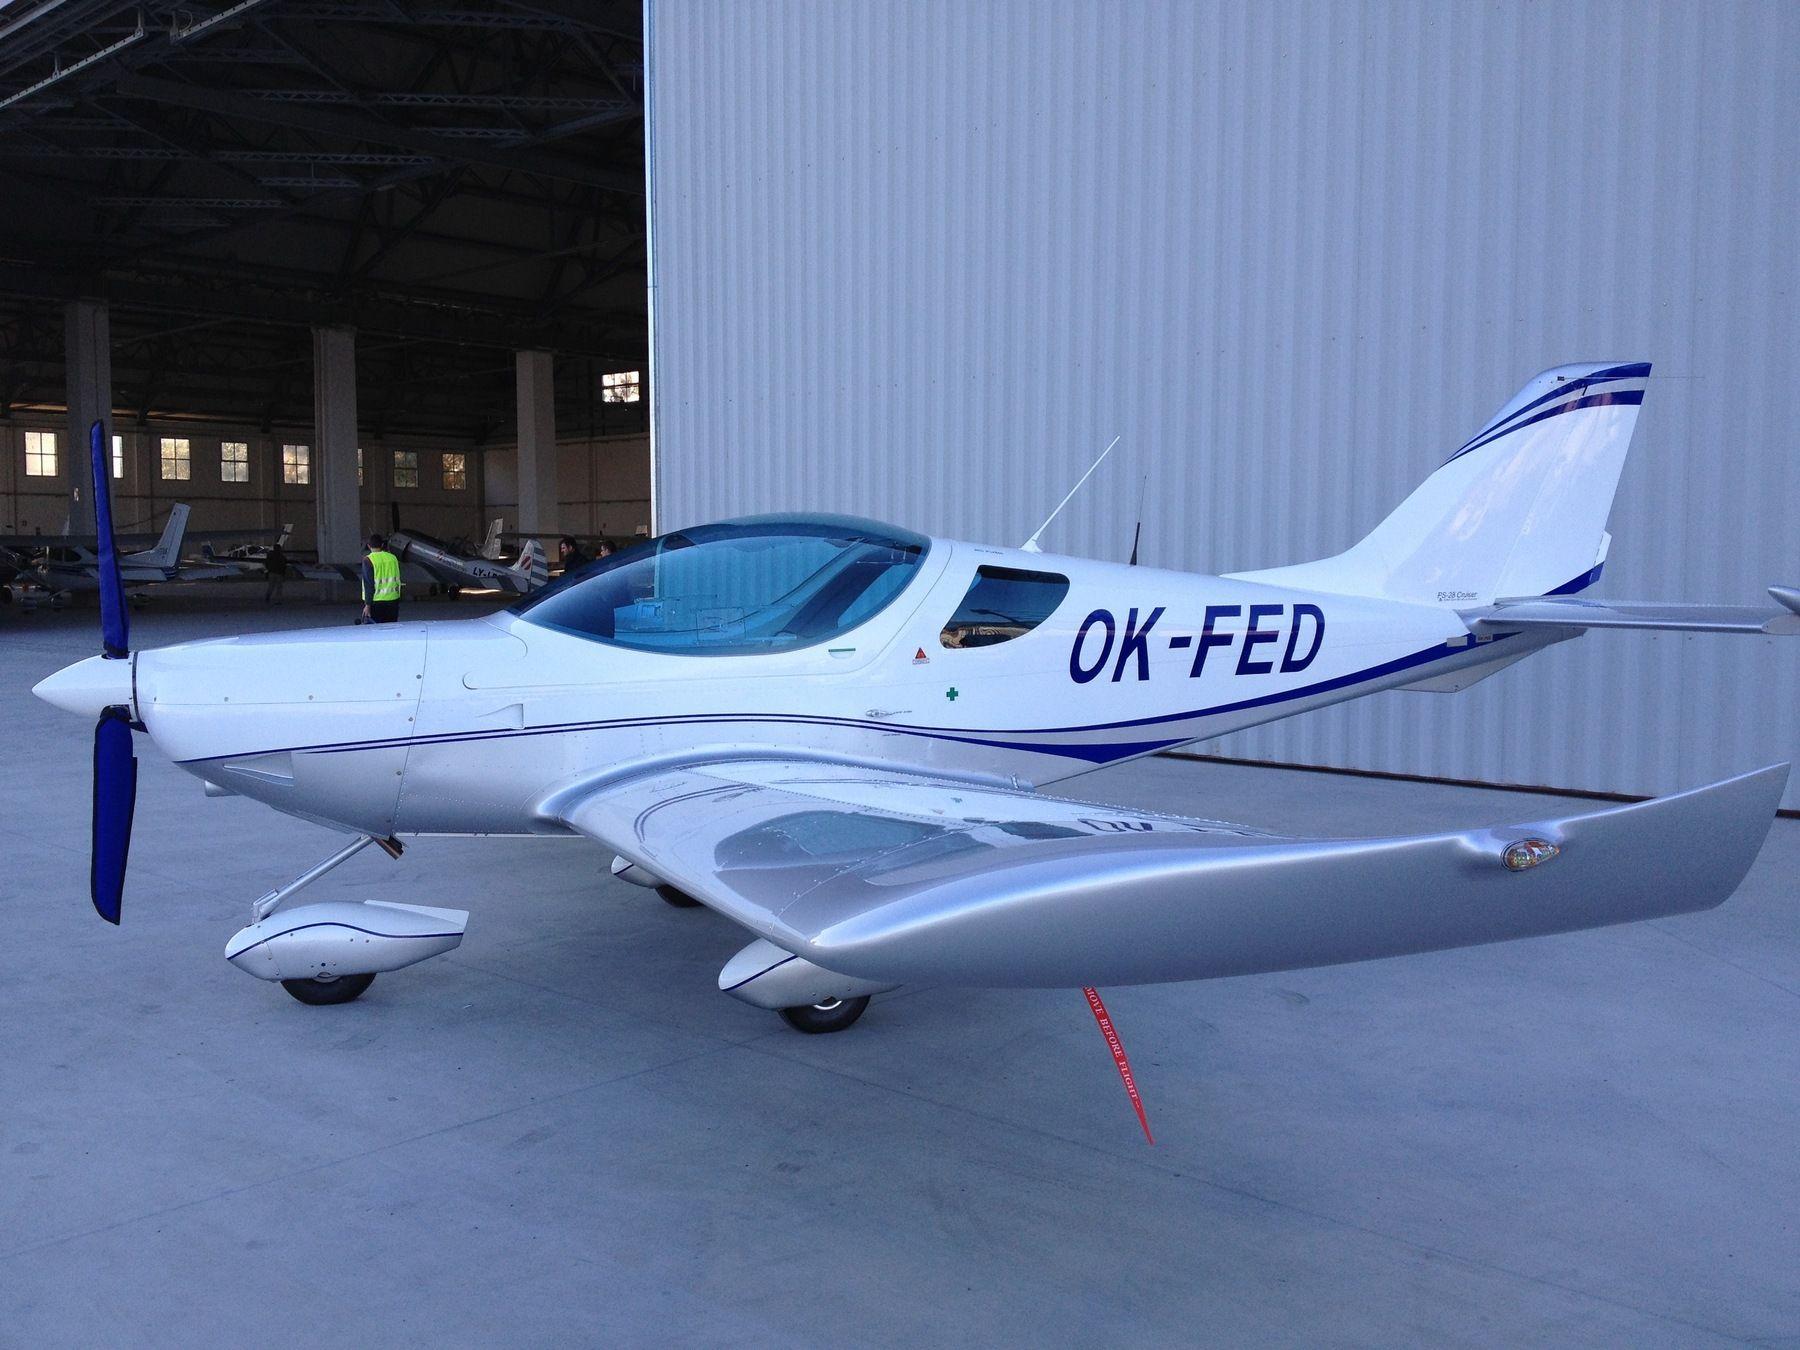 Cheetah xls light sport aircraft aircraft photos pinterest light sport aircraft aircraft and planes